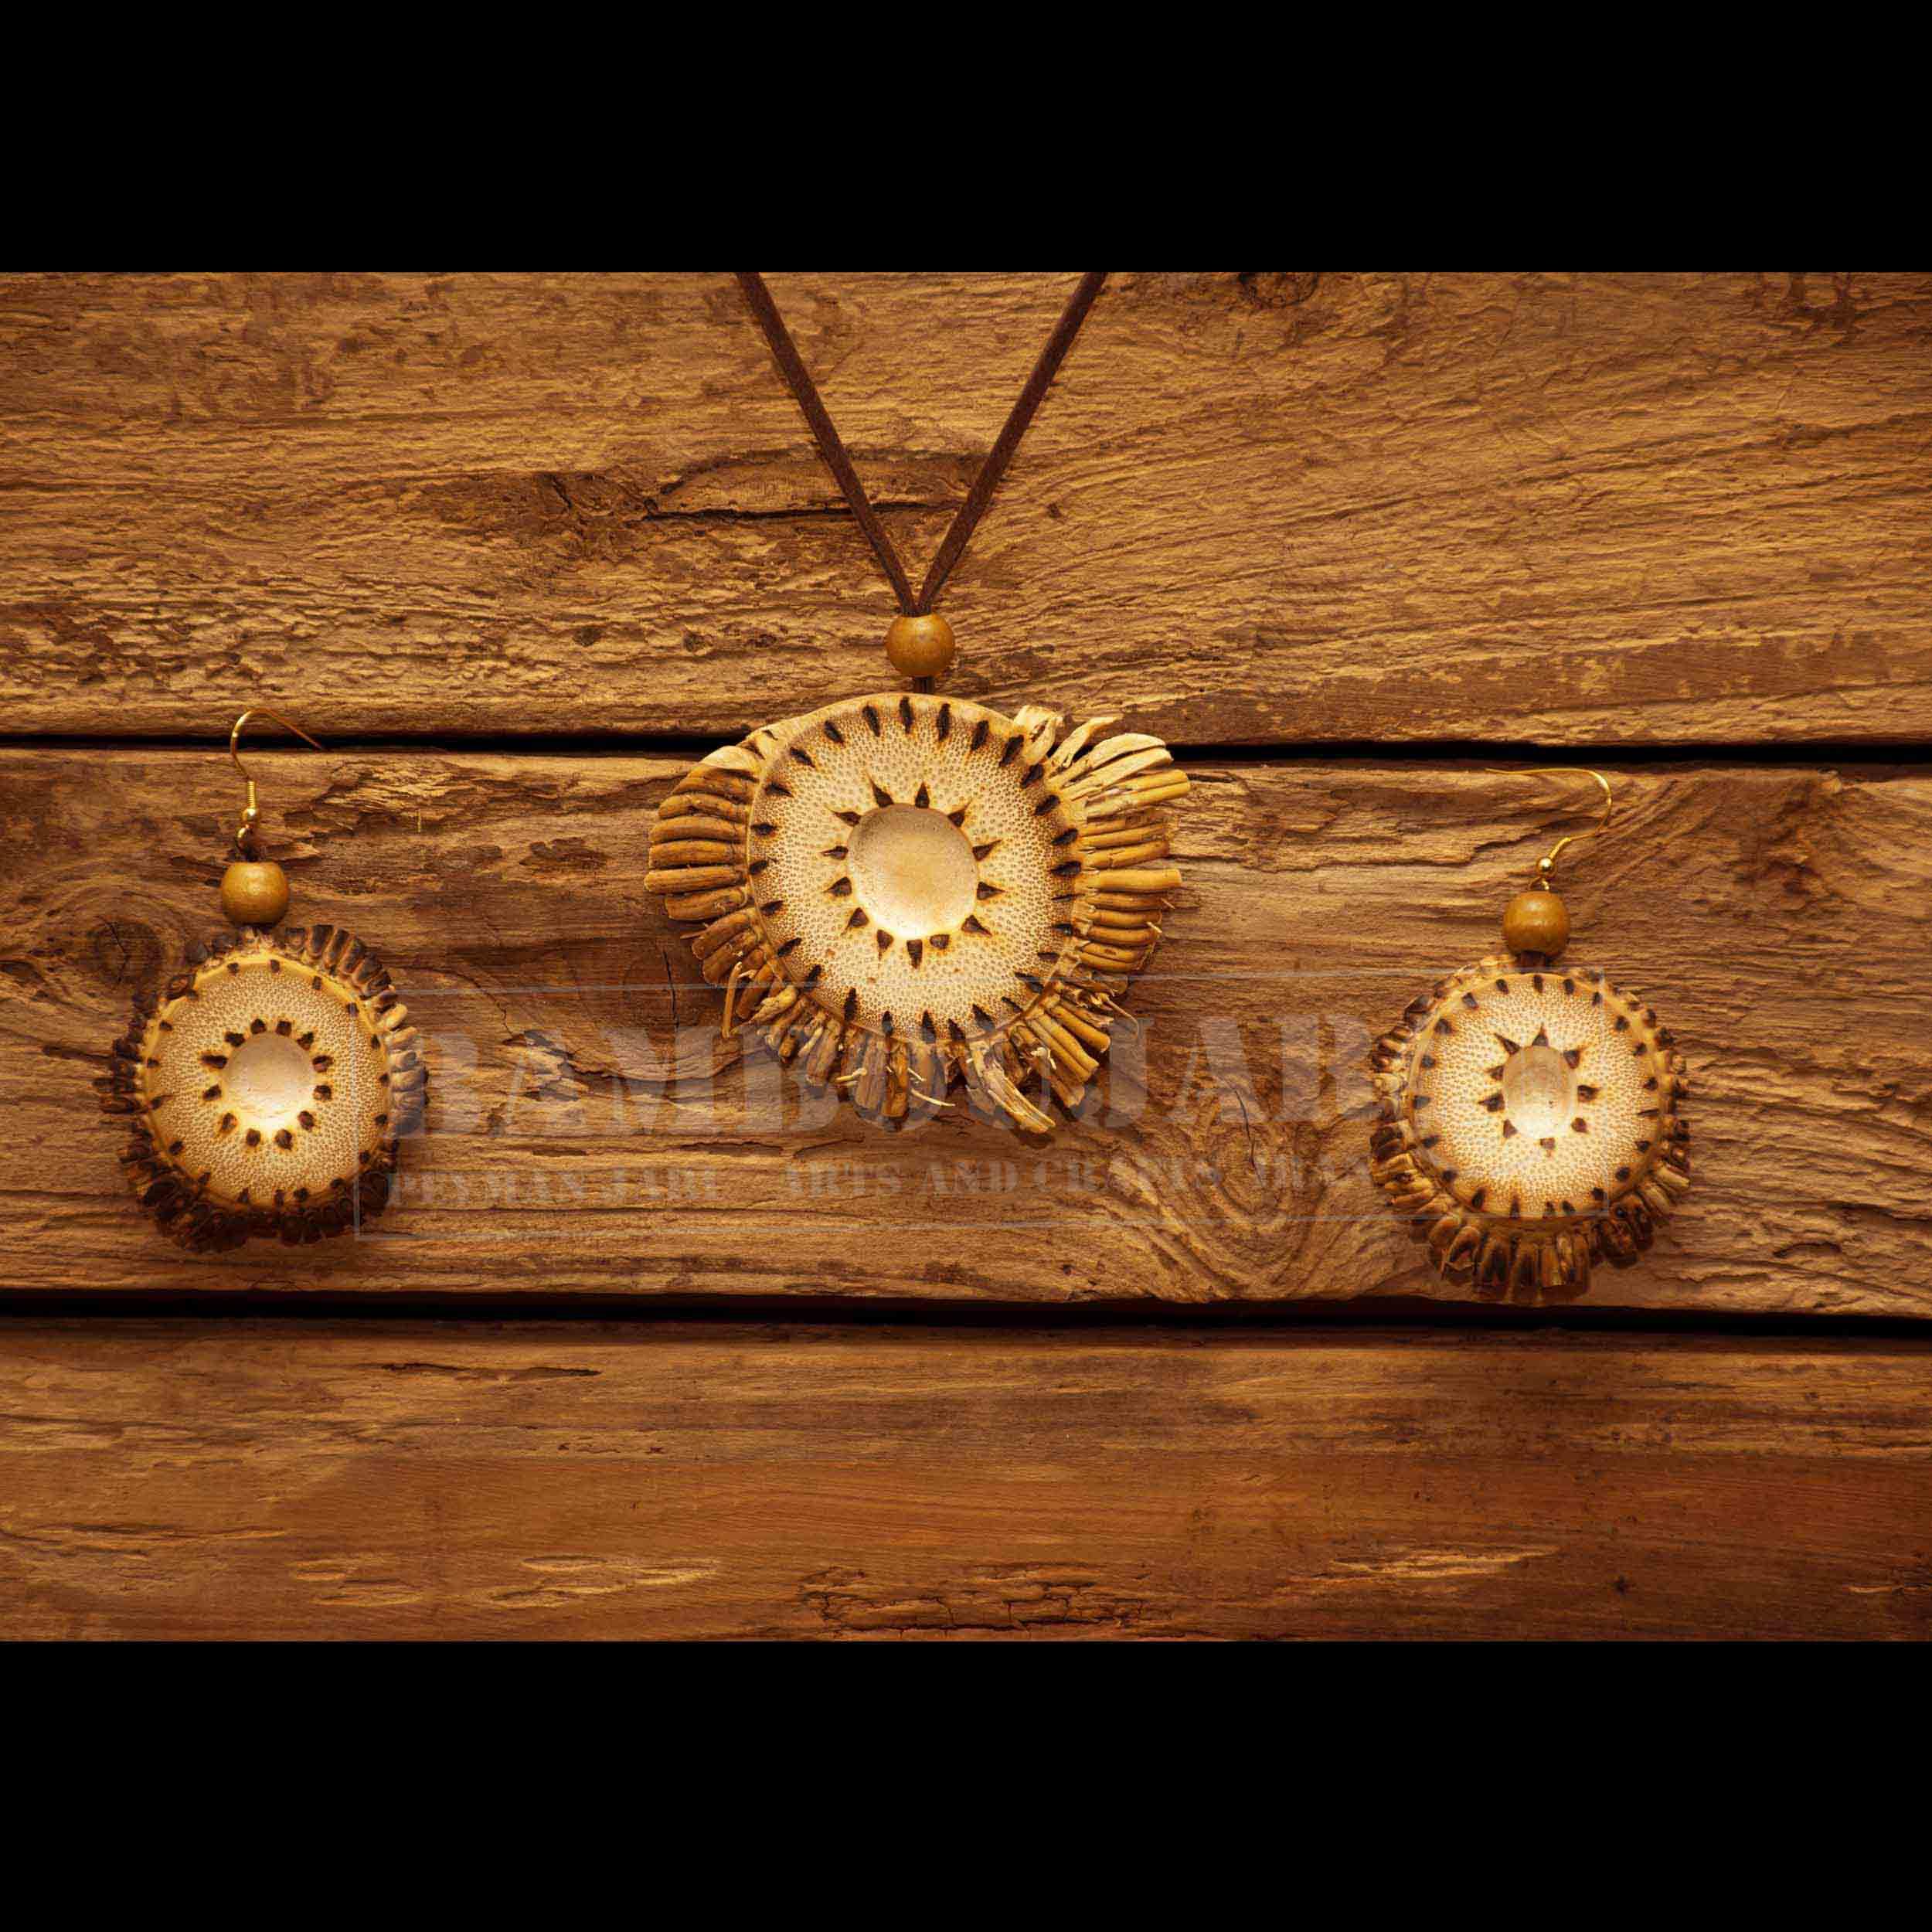 اکسسوری نیم ست بامبو دست ساز بامبو جار کد NiSeBaC3